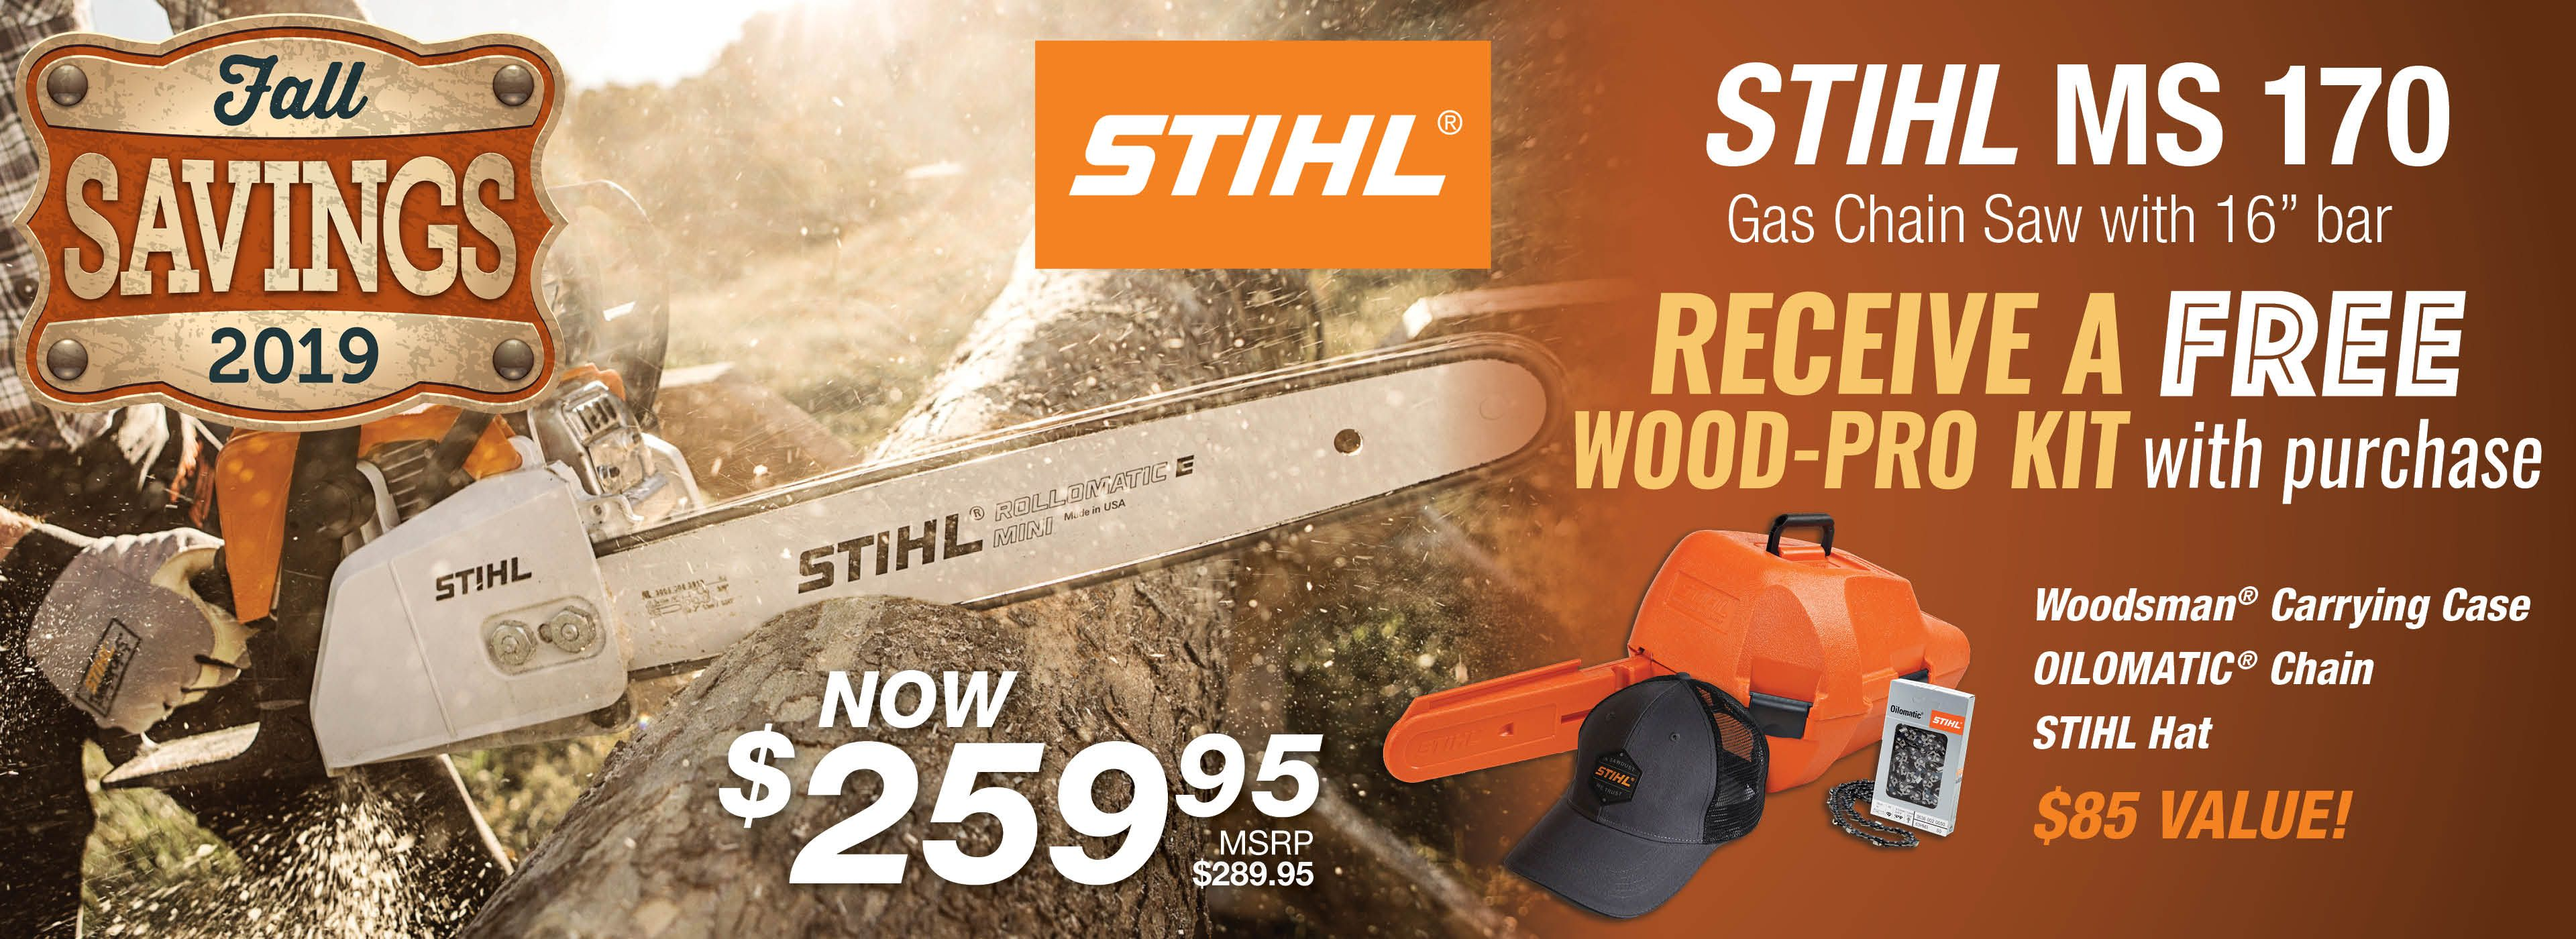 FREE Wood Pro Kit - with STIHL MS 170